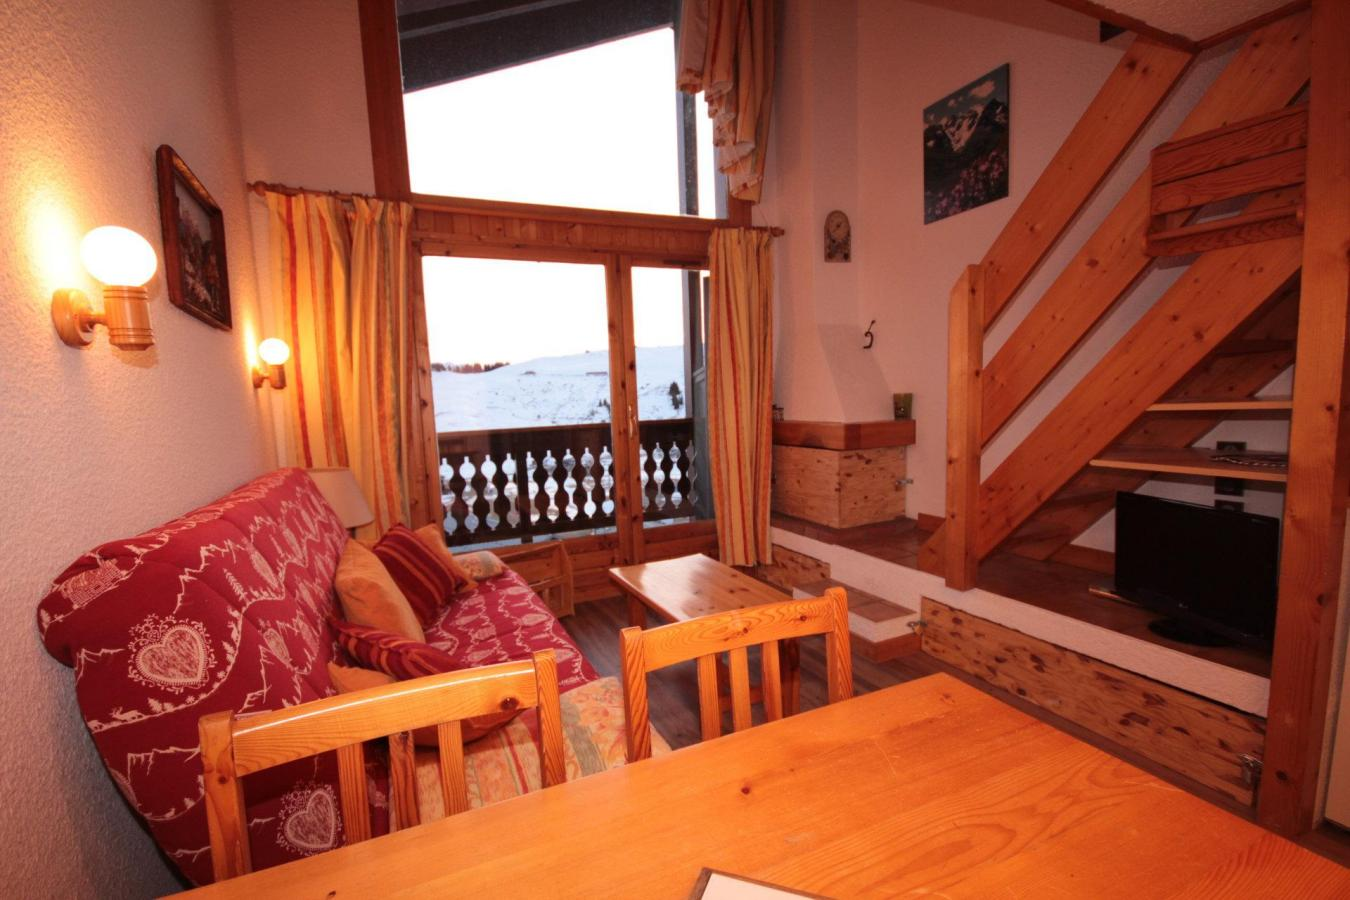 Les Saisies - RESIDENCE GRAND MONT 4 - Appartement 2 pièces mezzanine 6 personnes (4421)